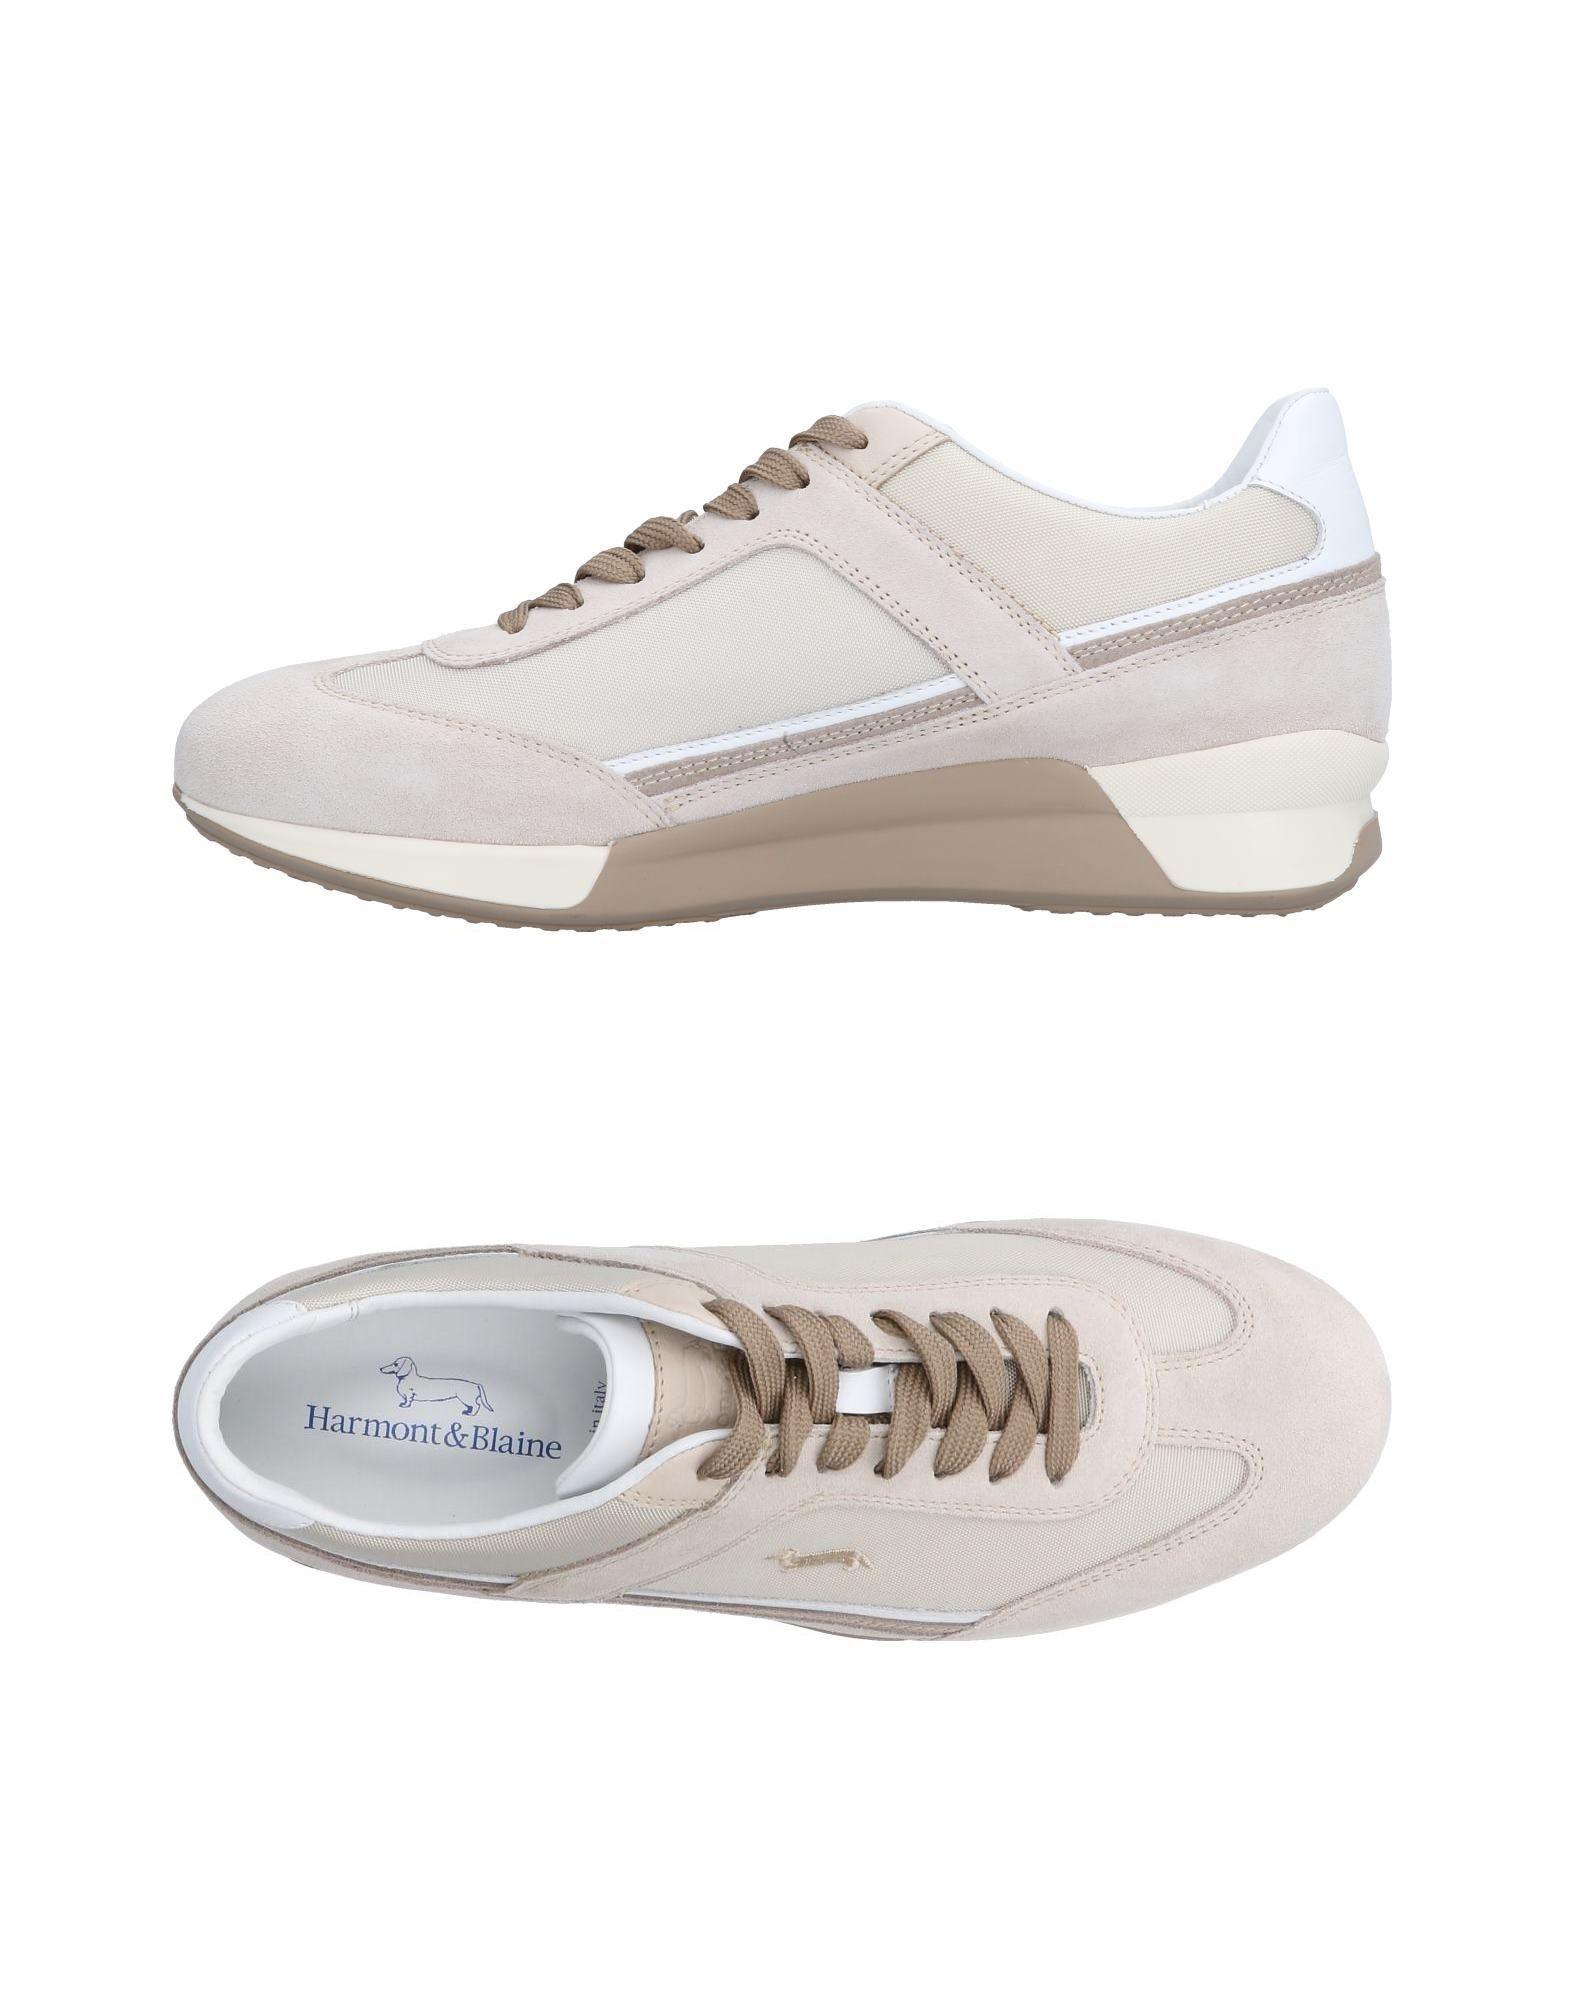 Moda Sneakers Harmont&Blaine Uomo - 11501896AG